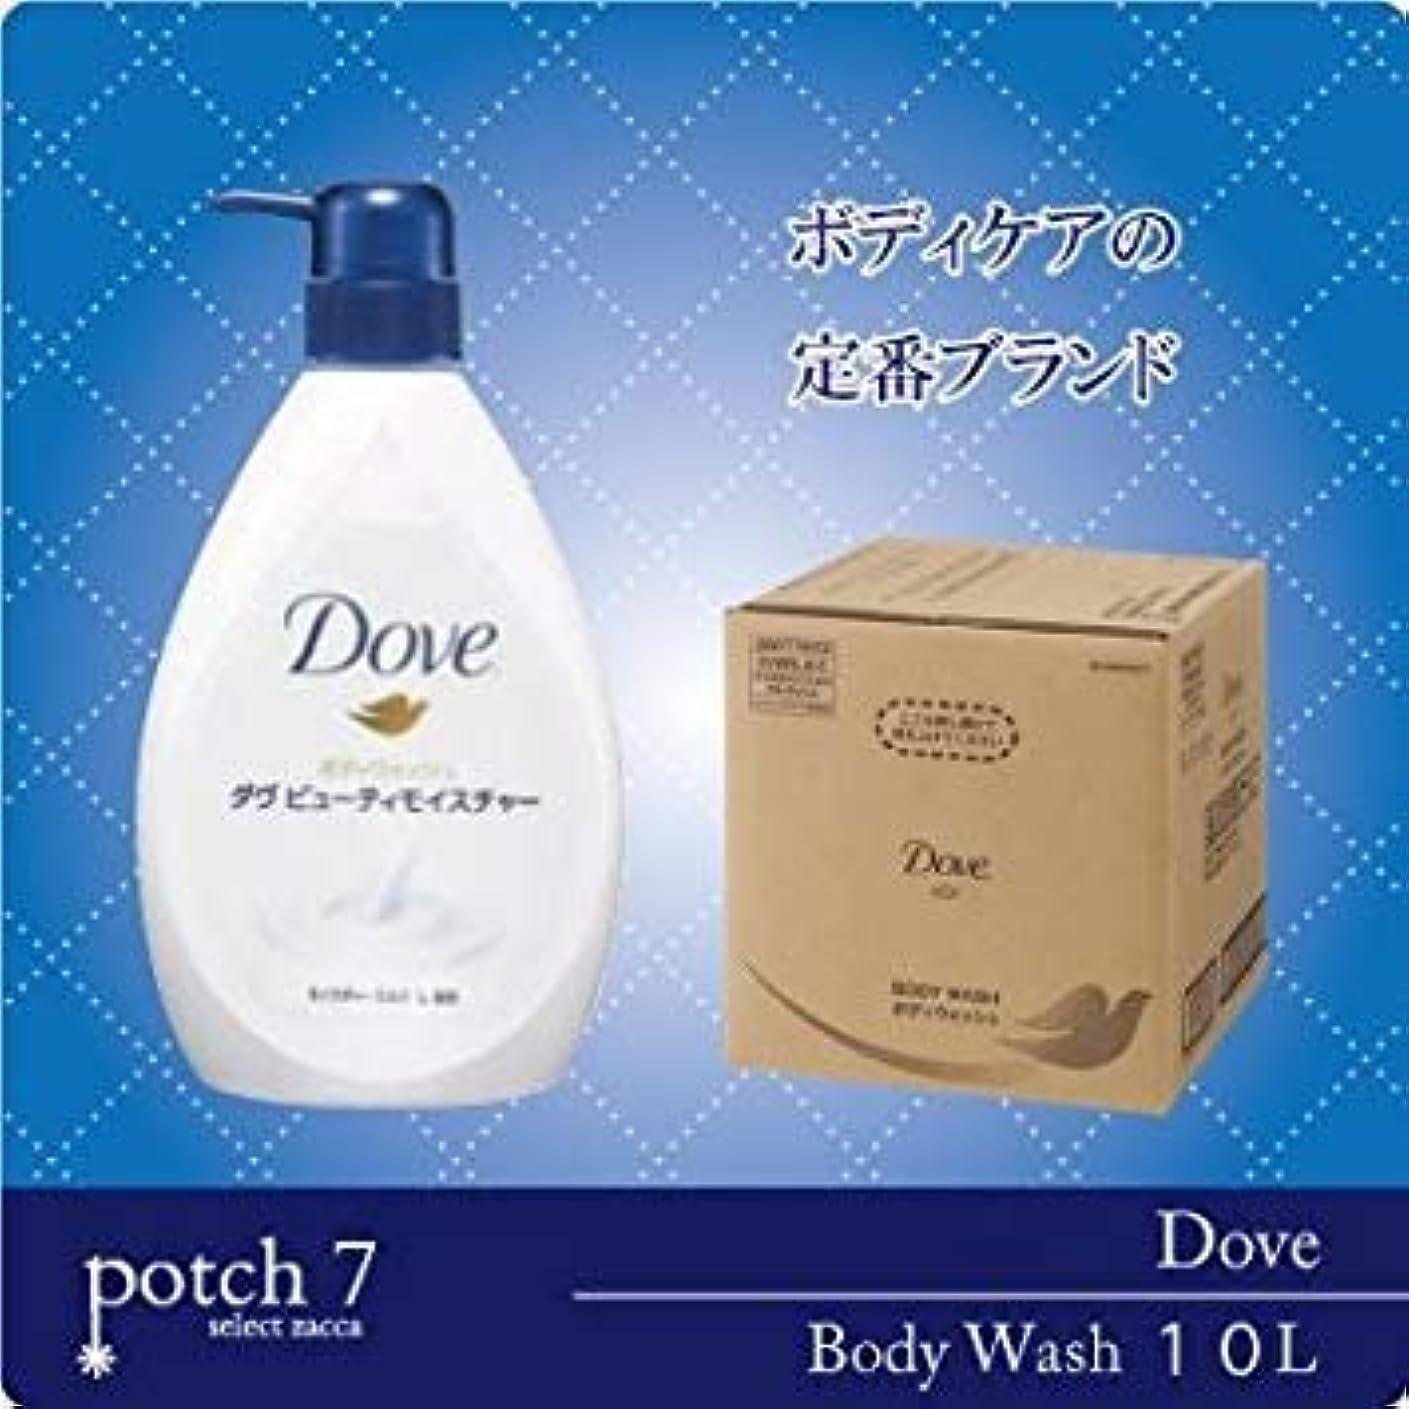 プログラム大いに発表Unilever ユニリーバ Dove ダヴ 10L ボディソープ 詰替え 空容器520g×1本付